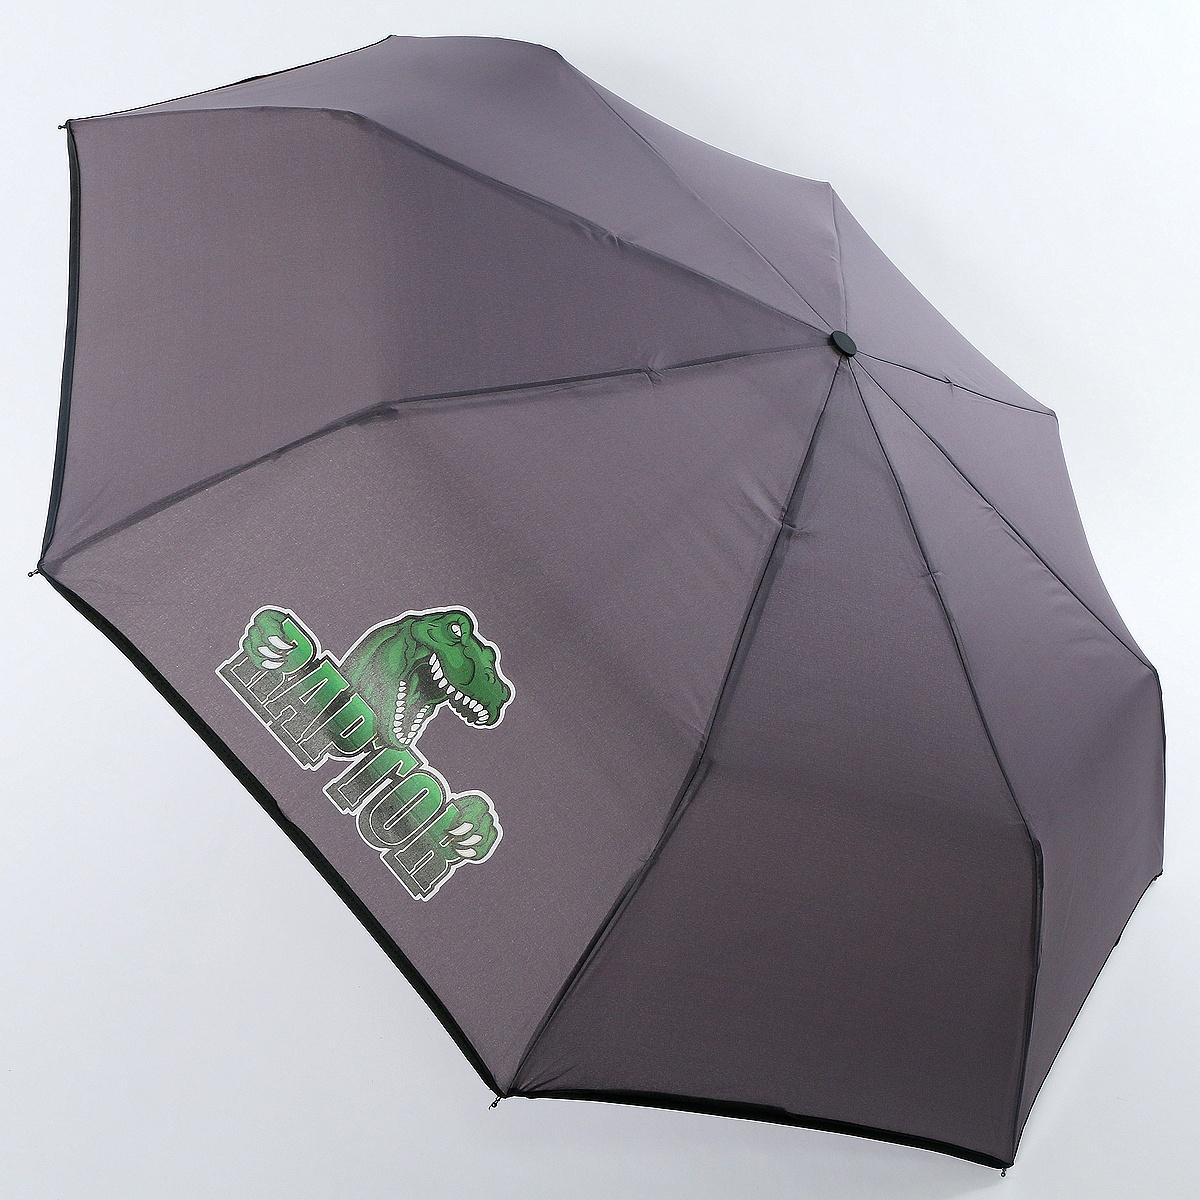 Зонт Artrain зонт artrain механический 3 сложения цвет синий 3517 1732